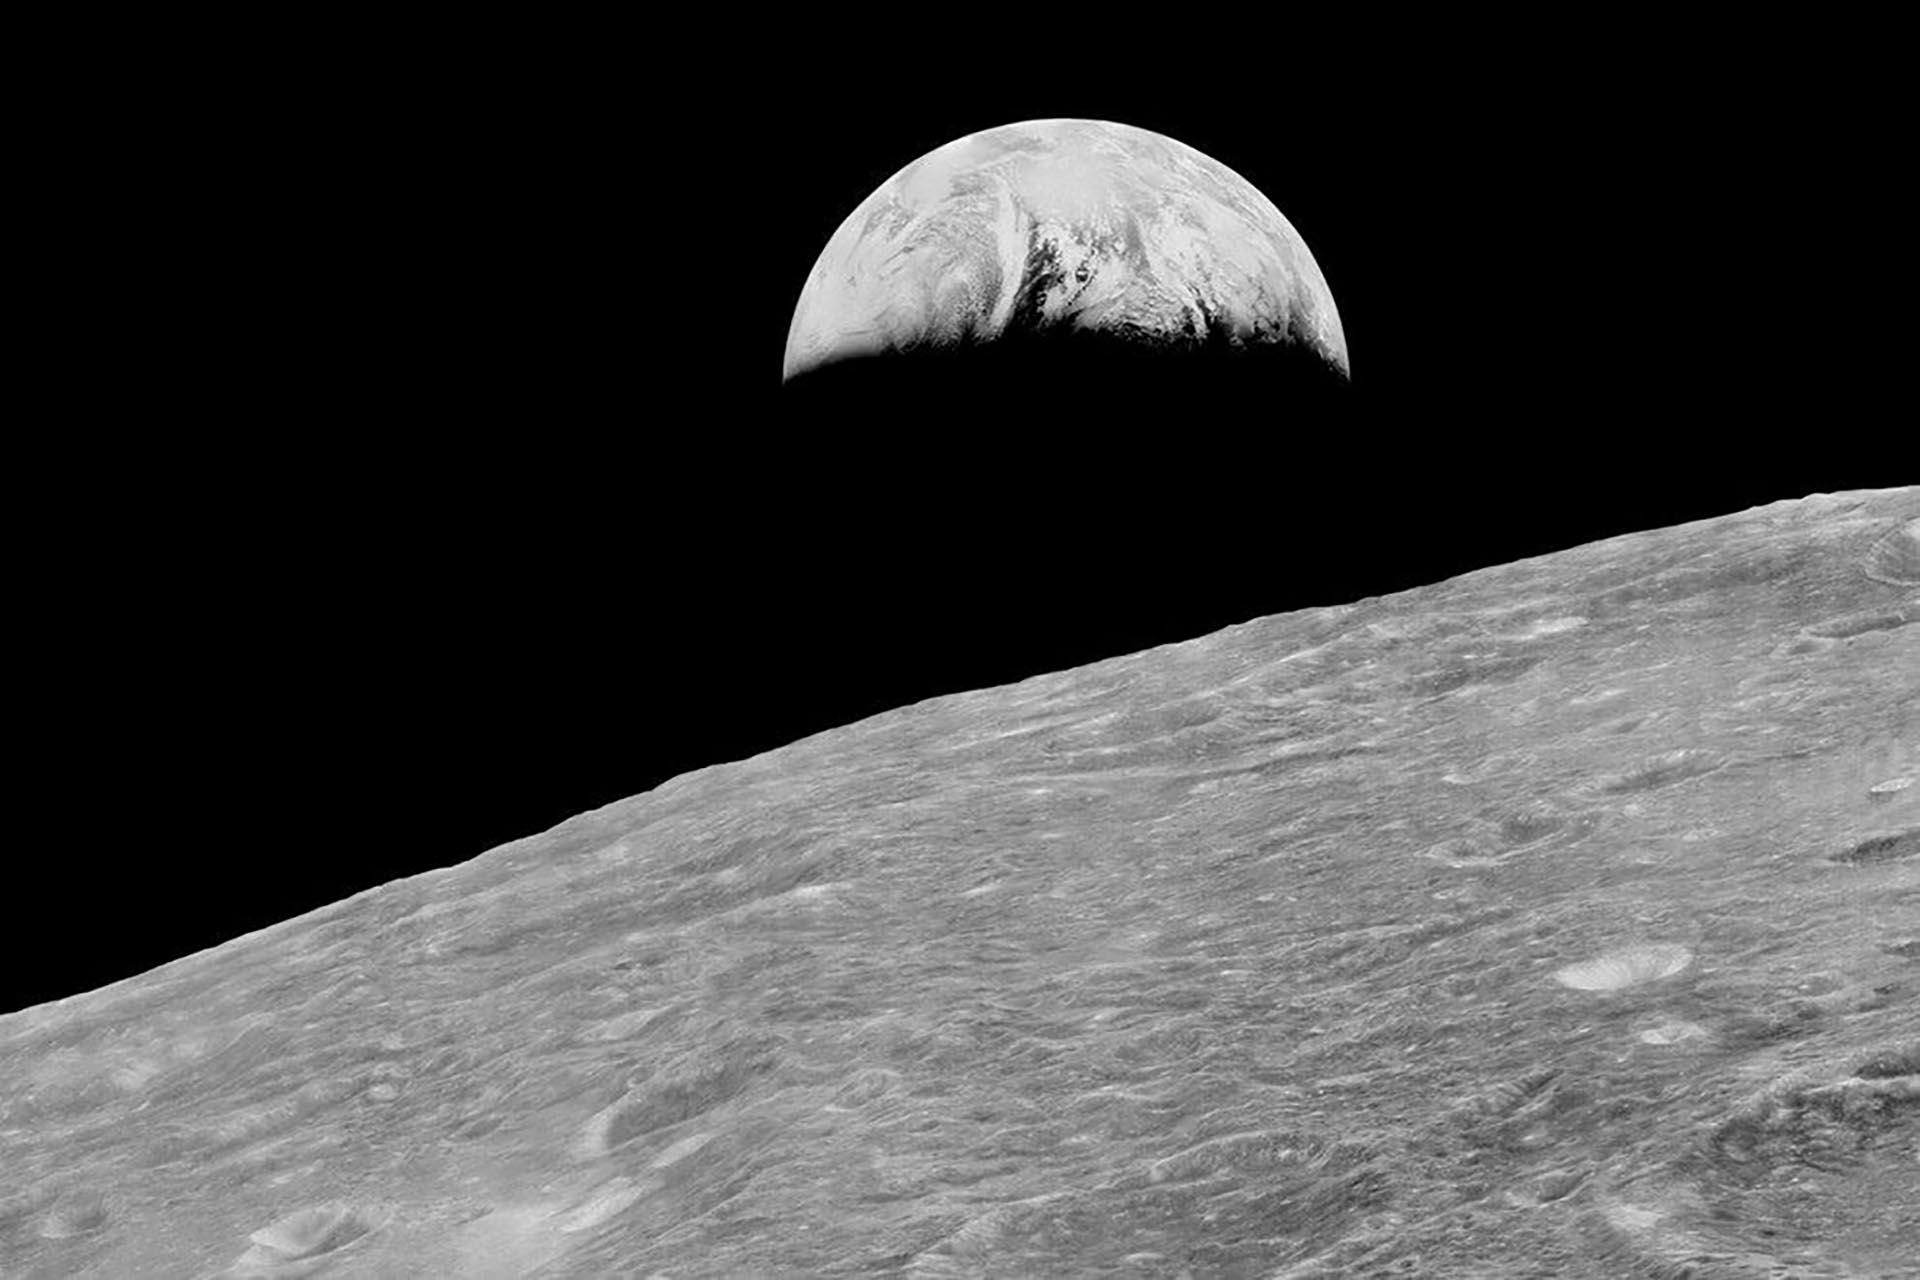 La primera imagen de la Tierra desde la recuperación de la órbita lunar, tomada por Lunar Orbiter 1 el 23 de agosto de 1966